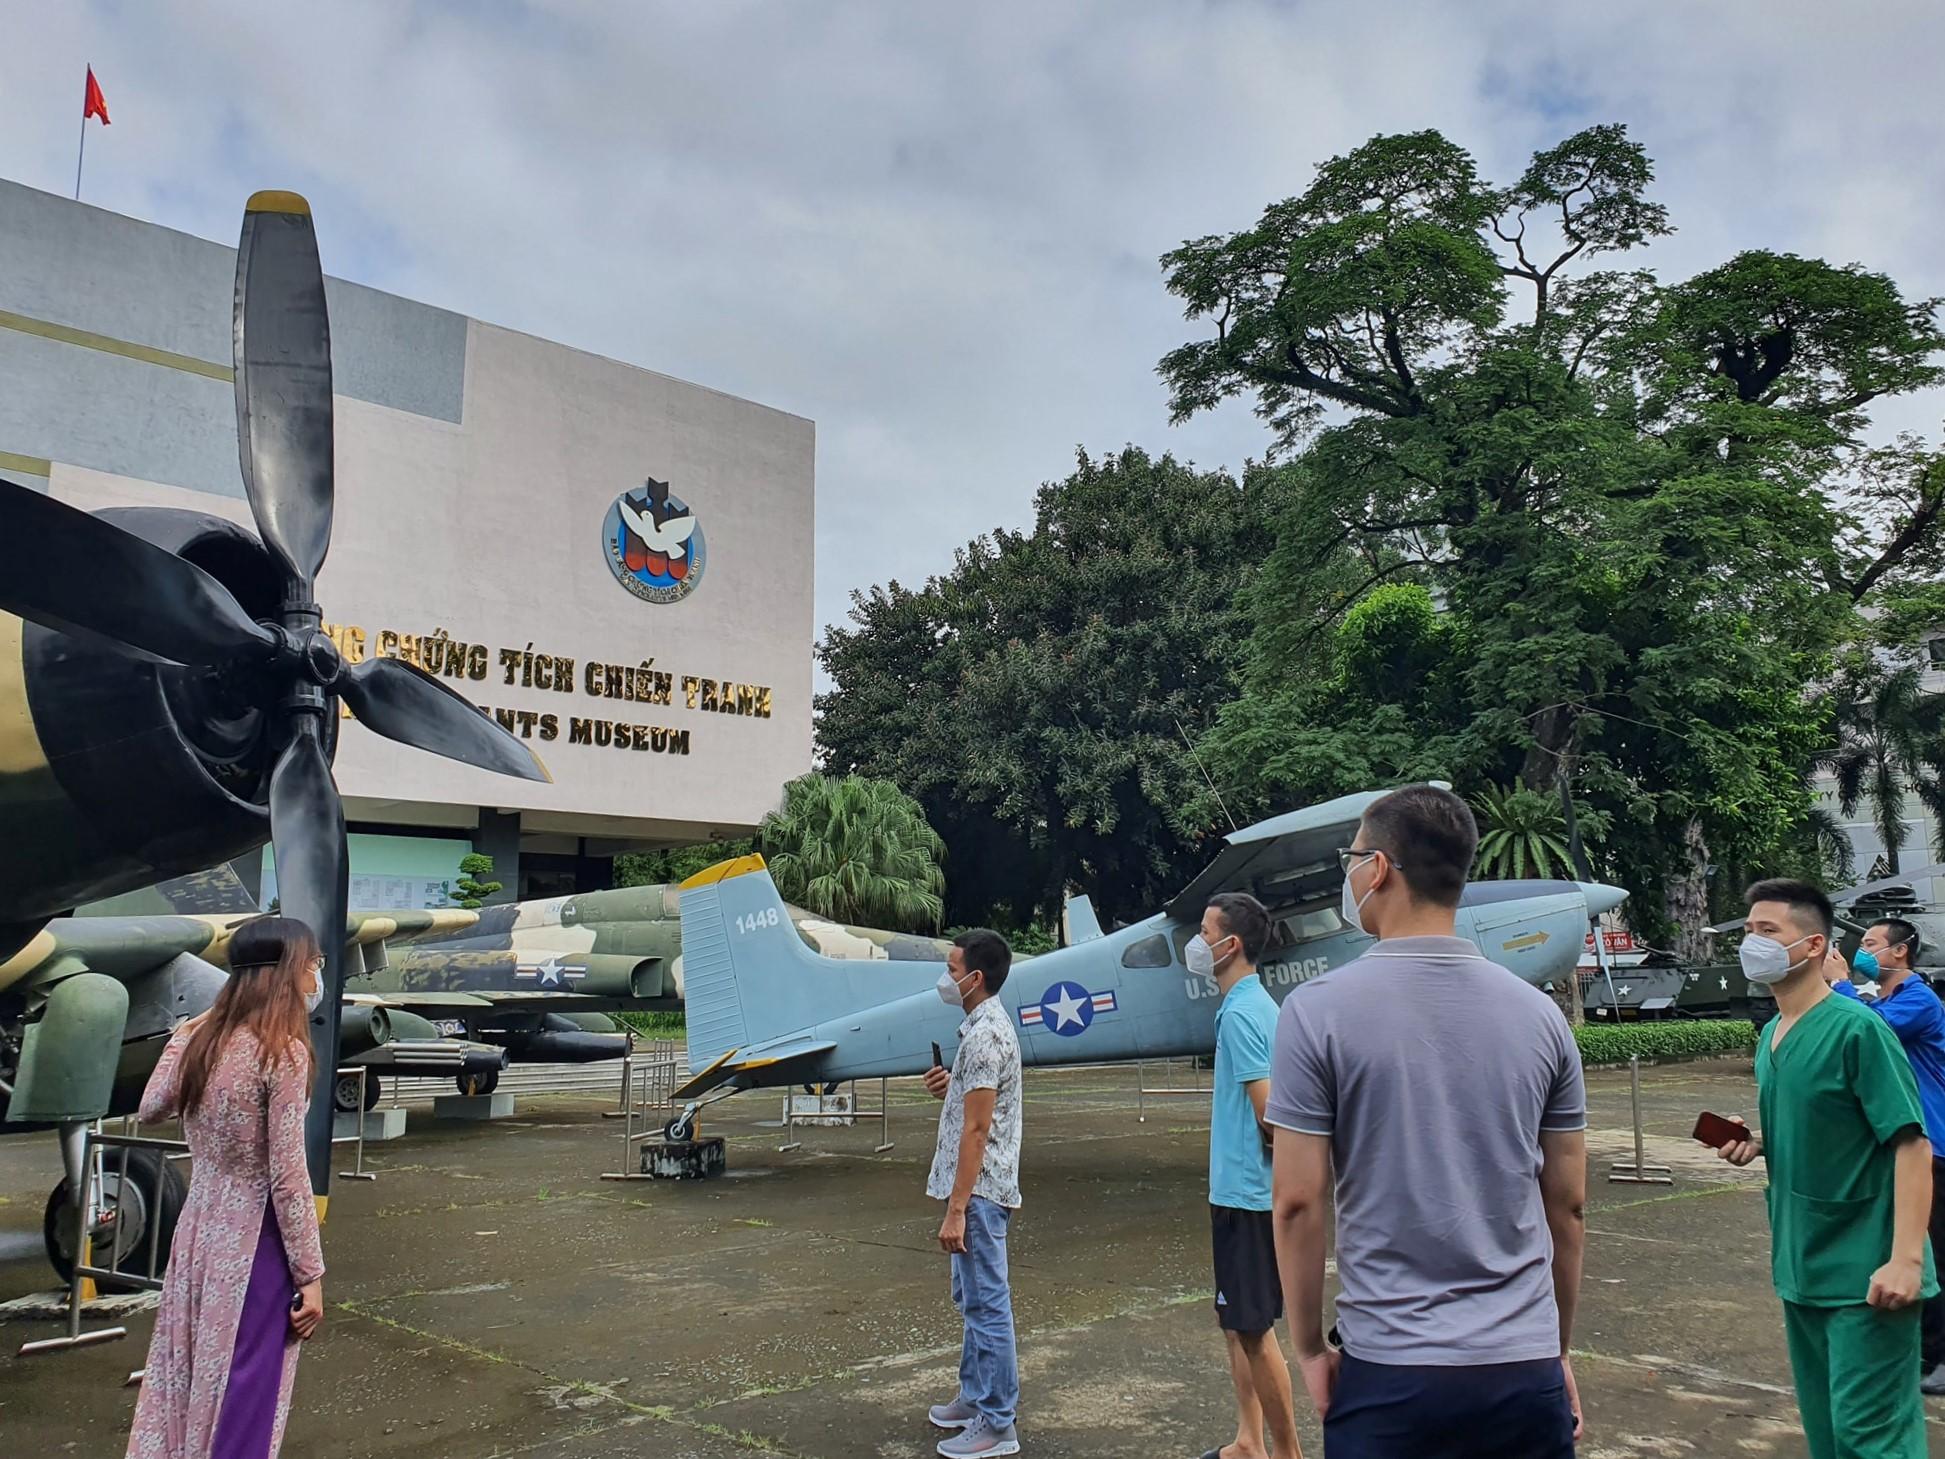 Đoàn y bác sĩ tuyến đầu tham quan Bảo tàng Chứng tích chiến tranh ngày 12/10. Ảnh: Facebook Bảo tàng Chứng tích Chiến tranh - War Remnants Museum